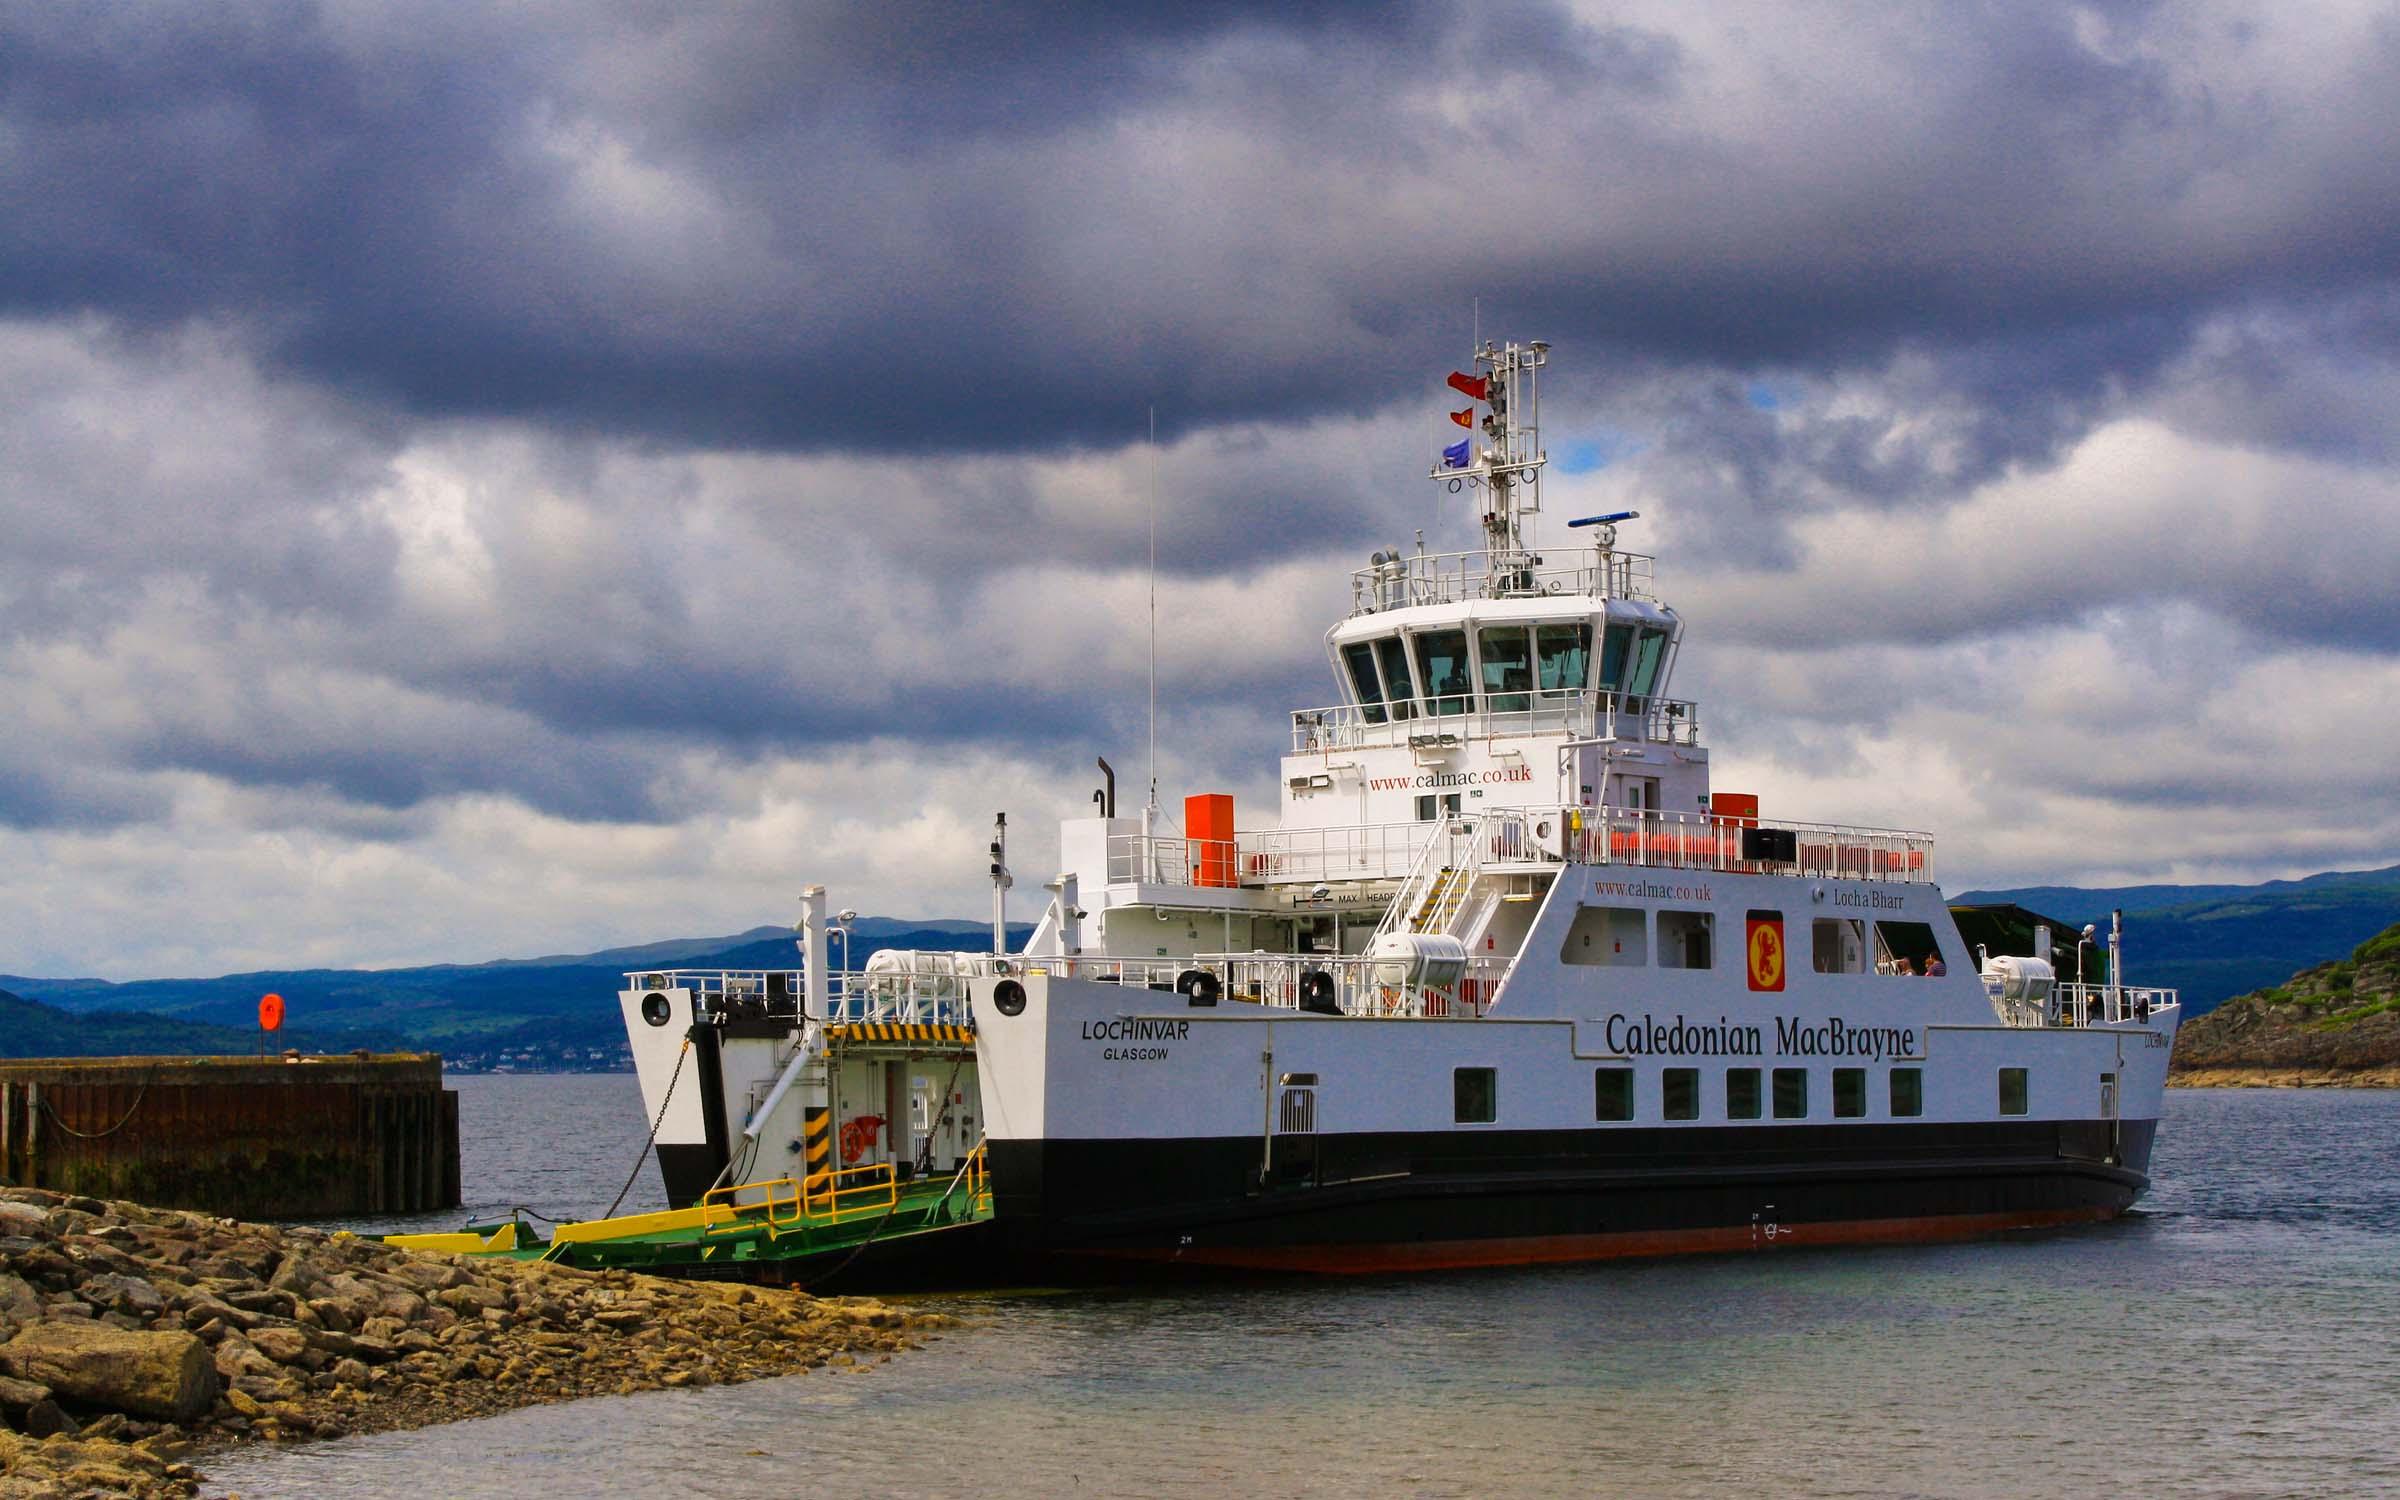 Lochinvar at Portavadie (Ships of CalMac)